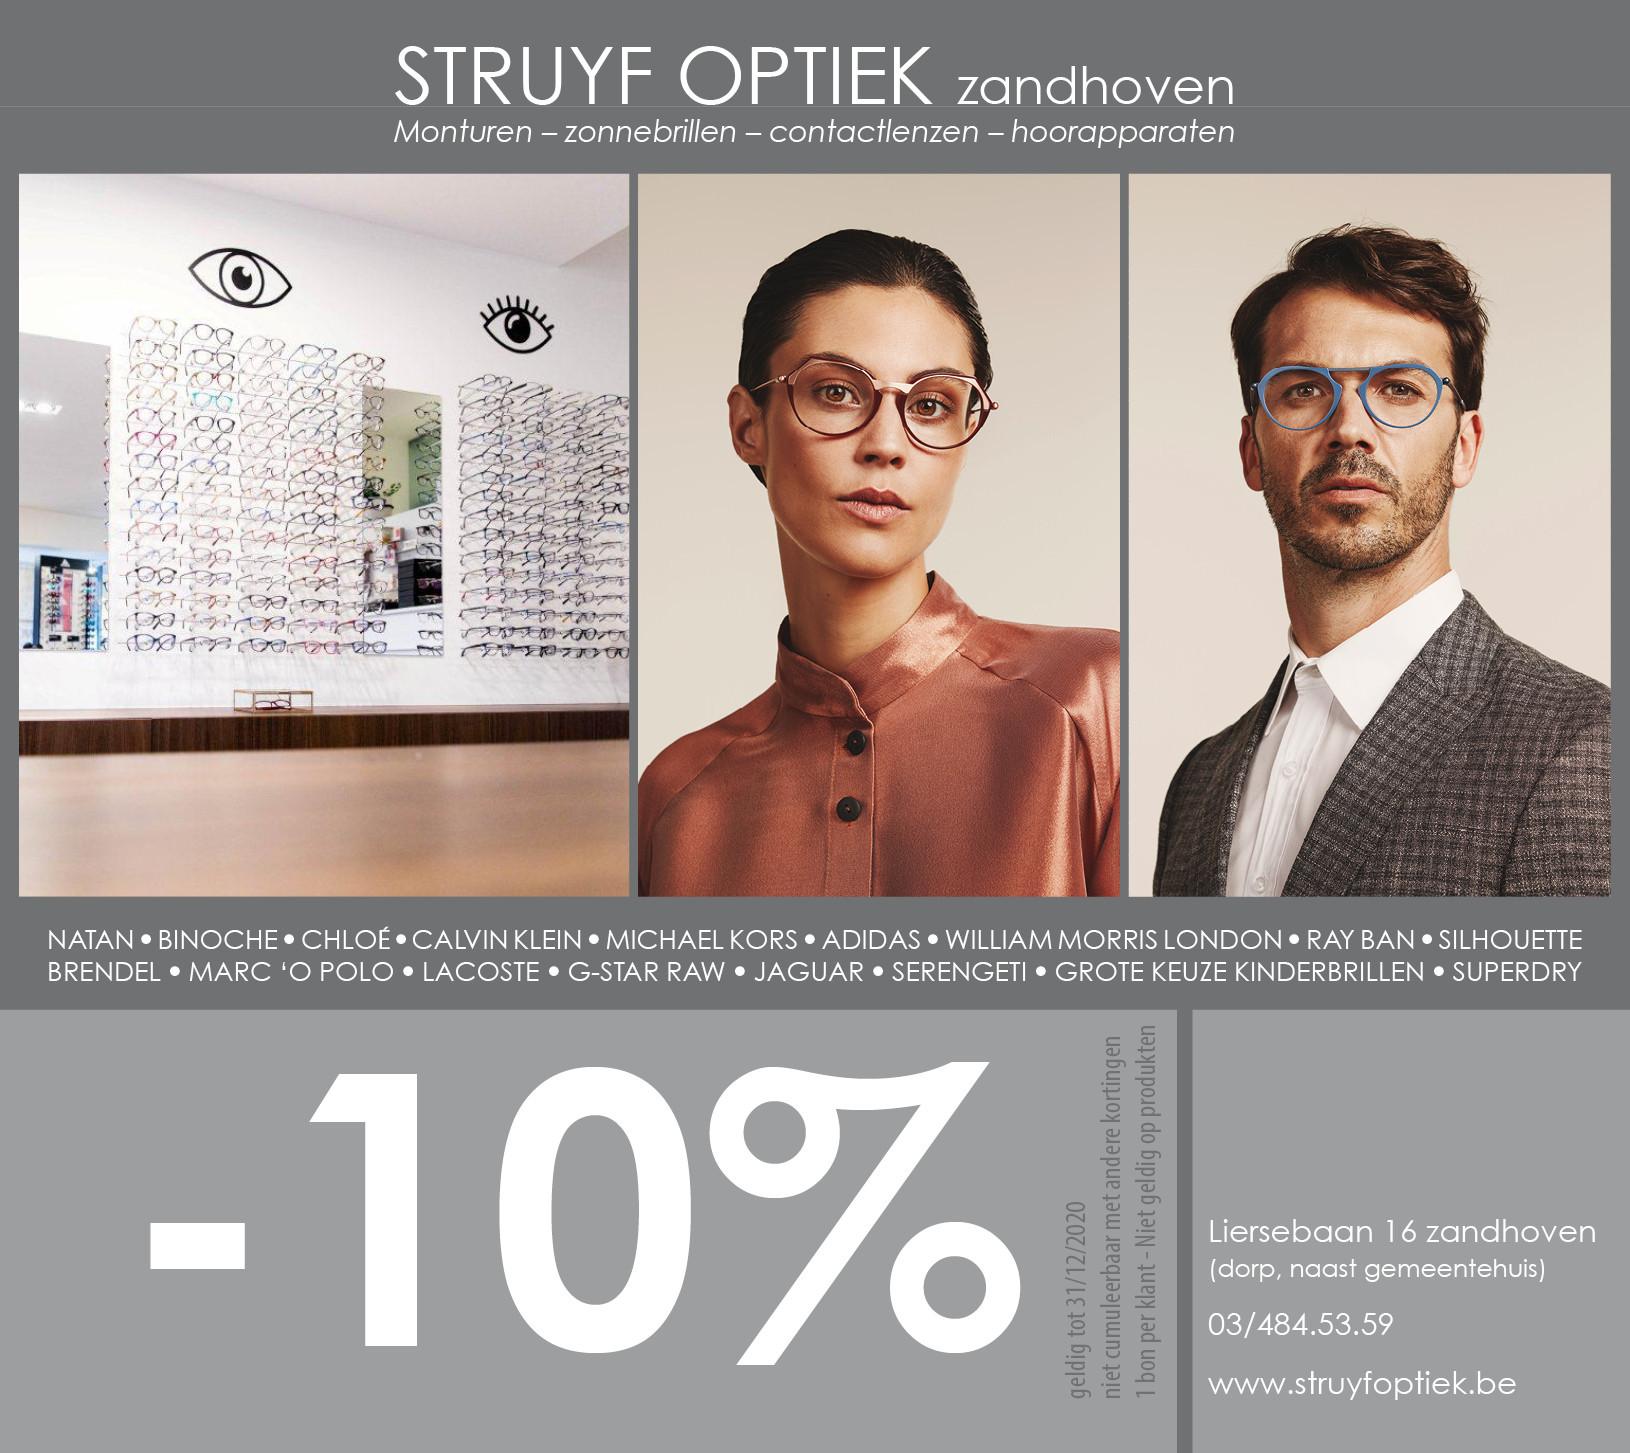 Optiek Struyf